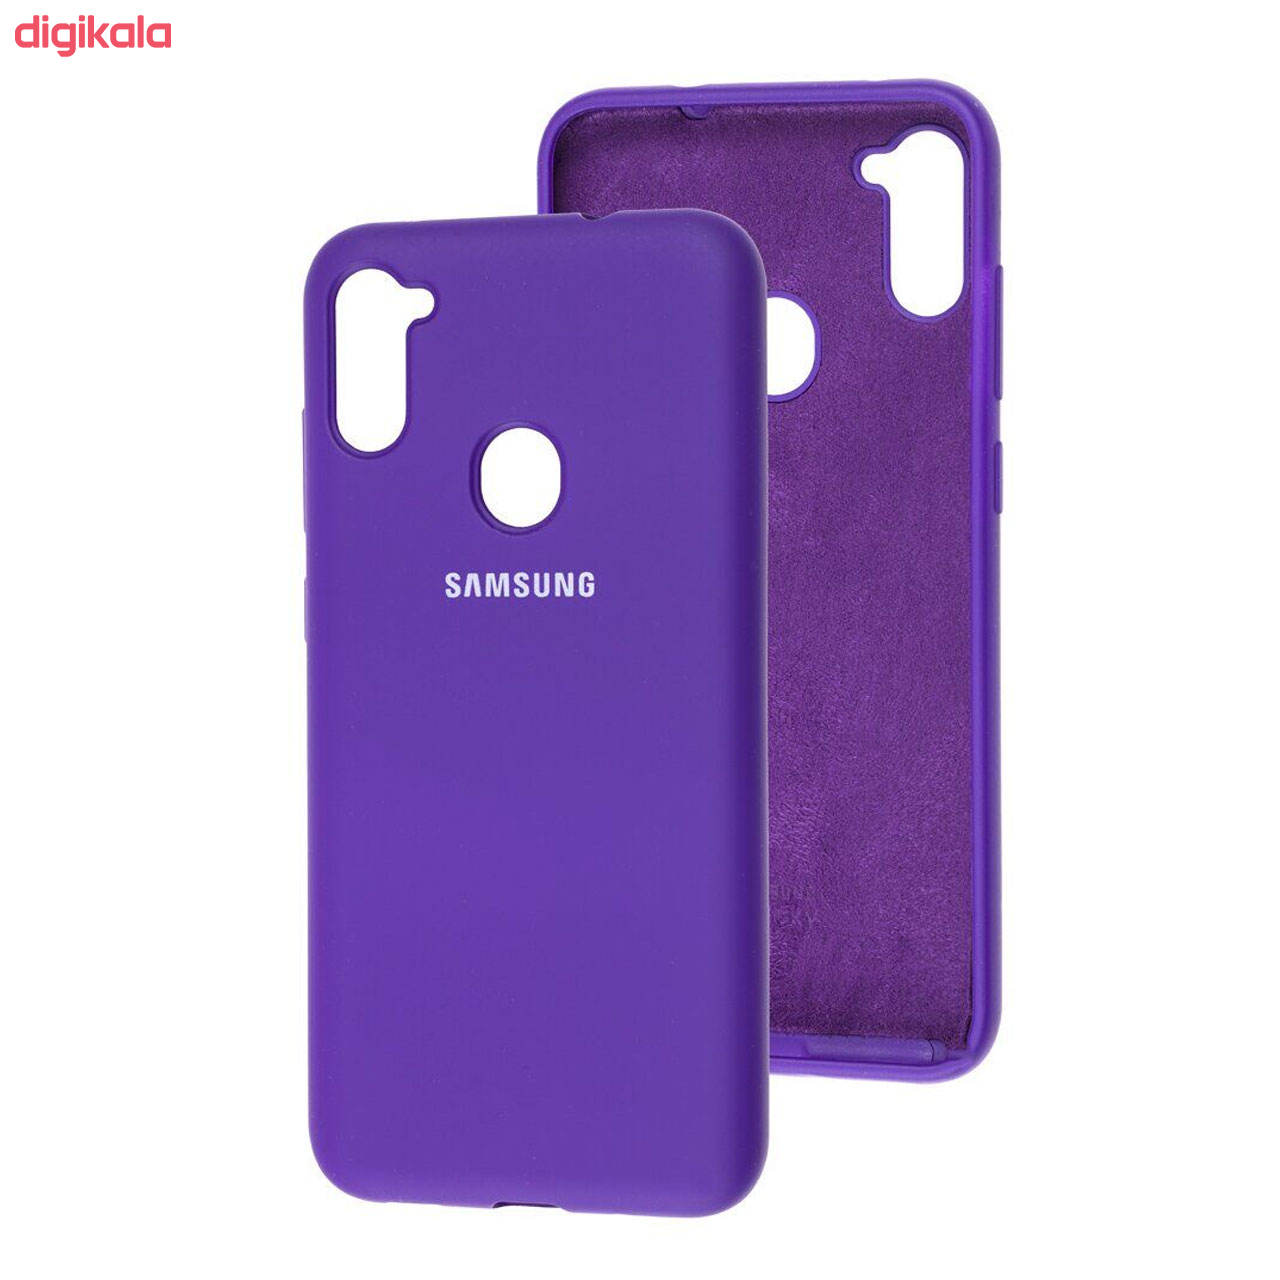 کاور مدل SLCN مناسب برای گوشی موبایل سامسونگ Galaxy A11 main 1 12